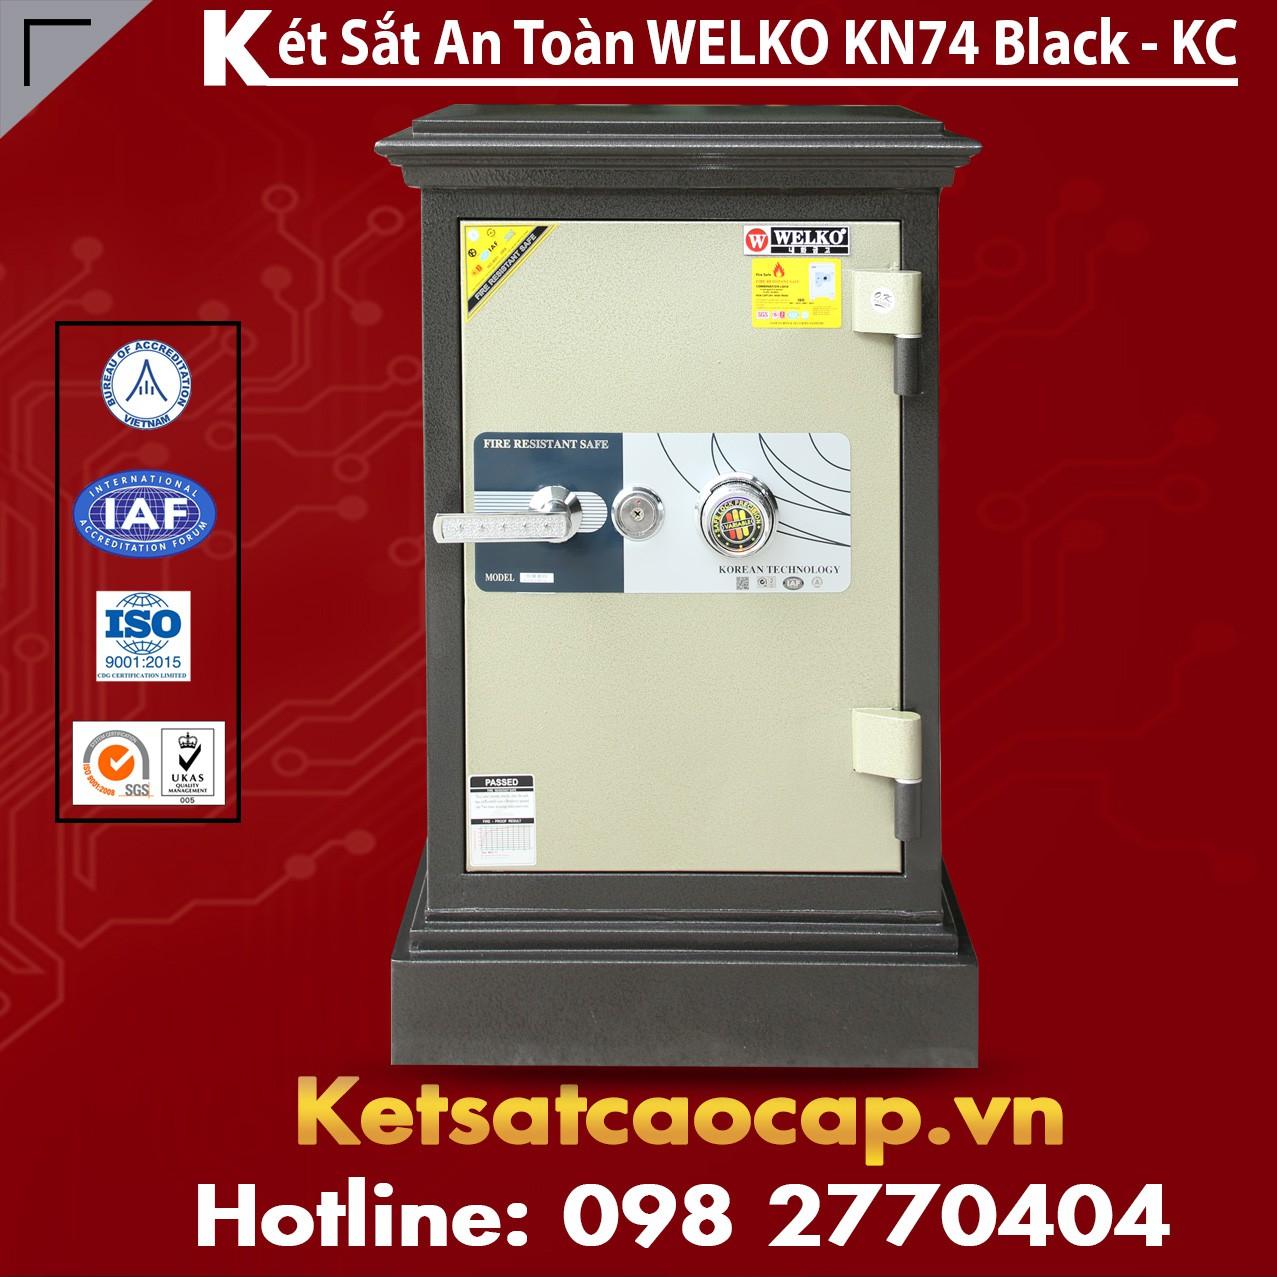 Két Sắt Khoá Cơ WELKO KN74 Black - KC